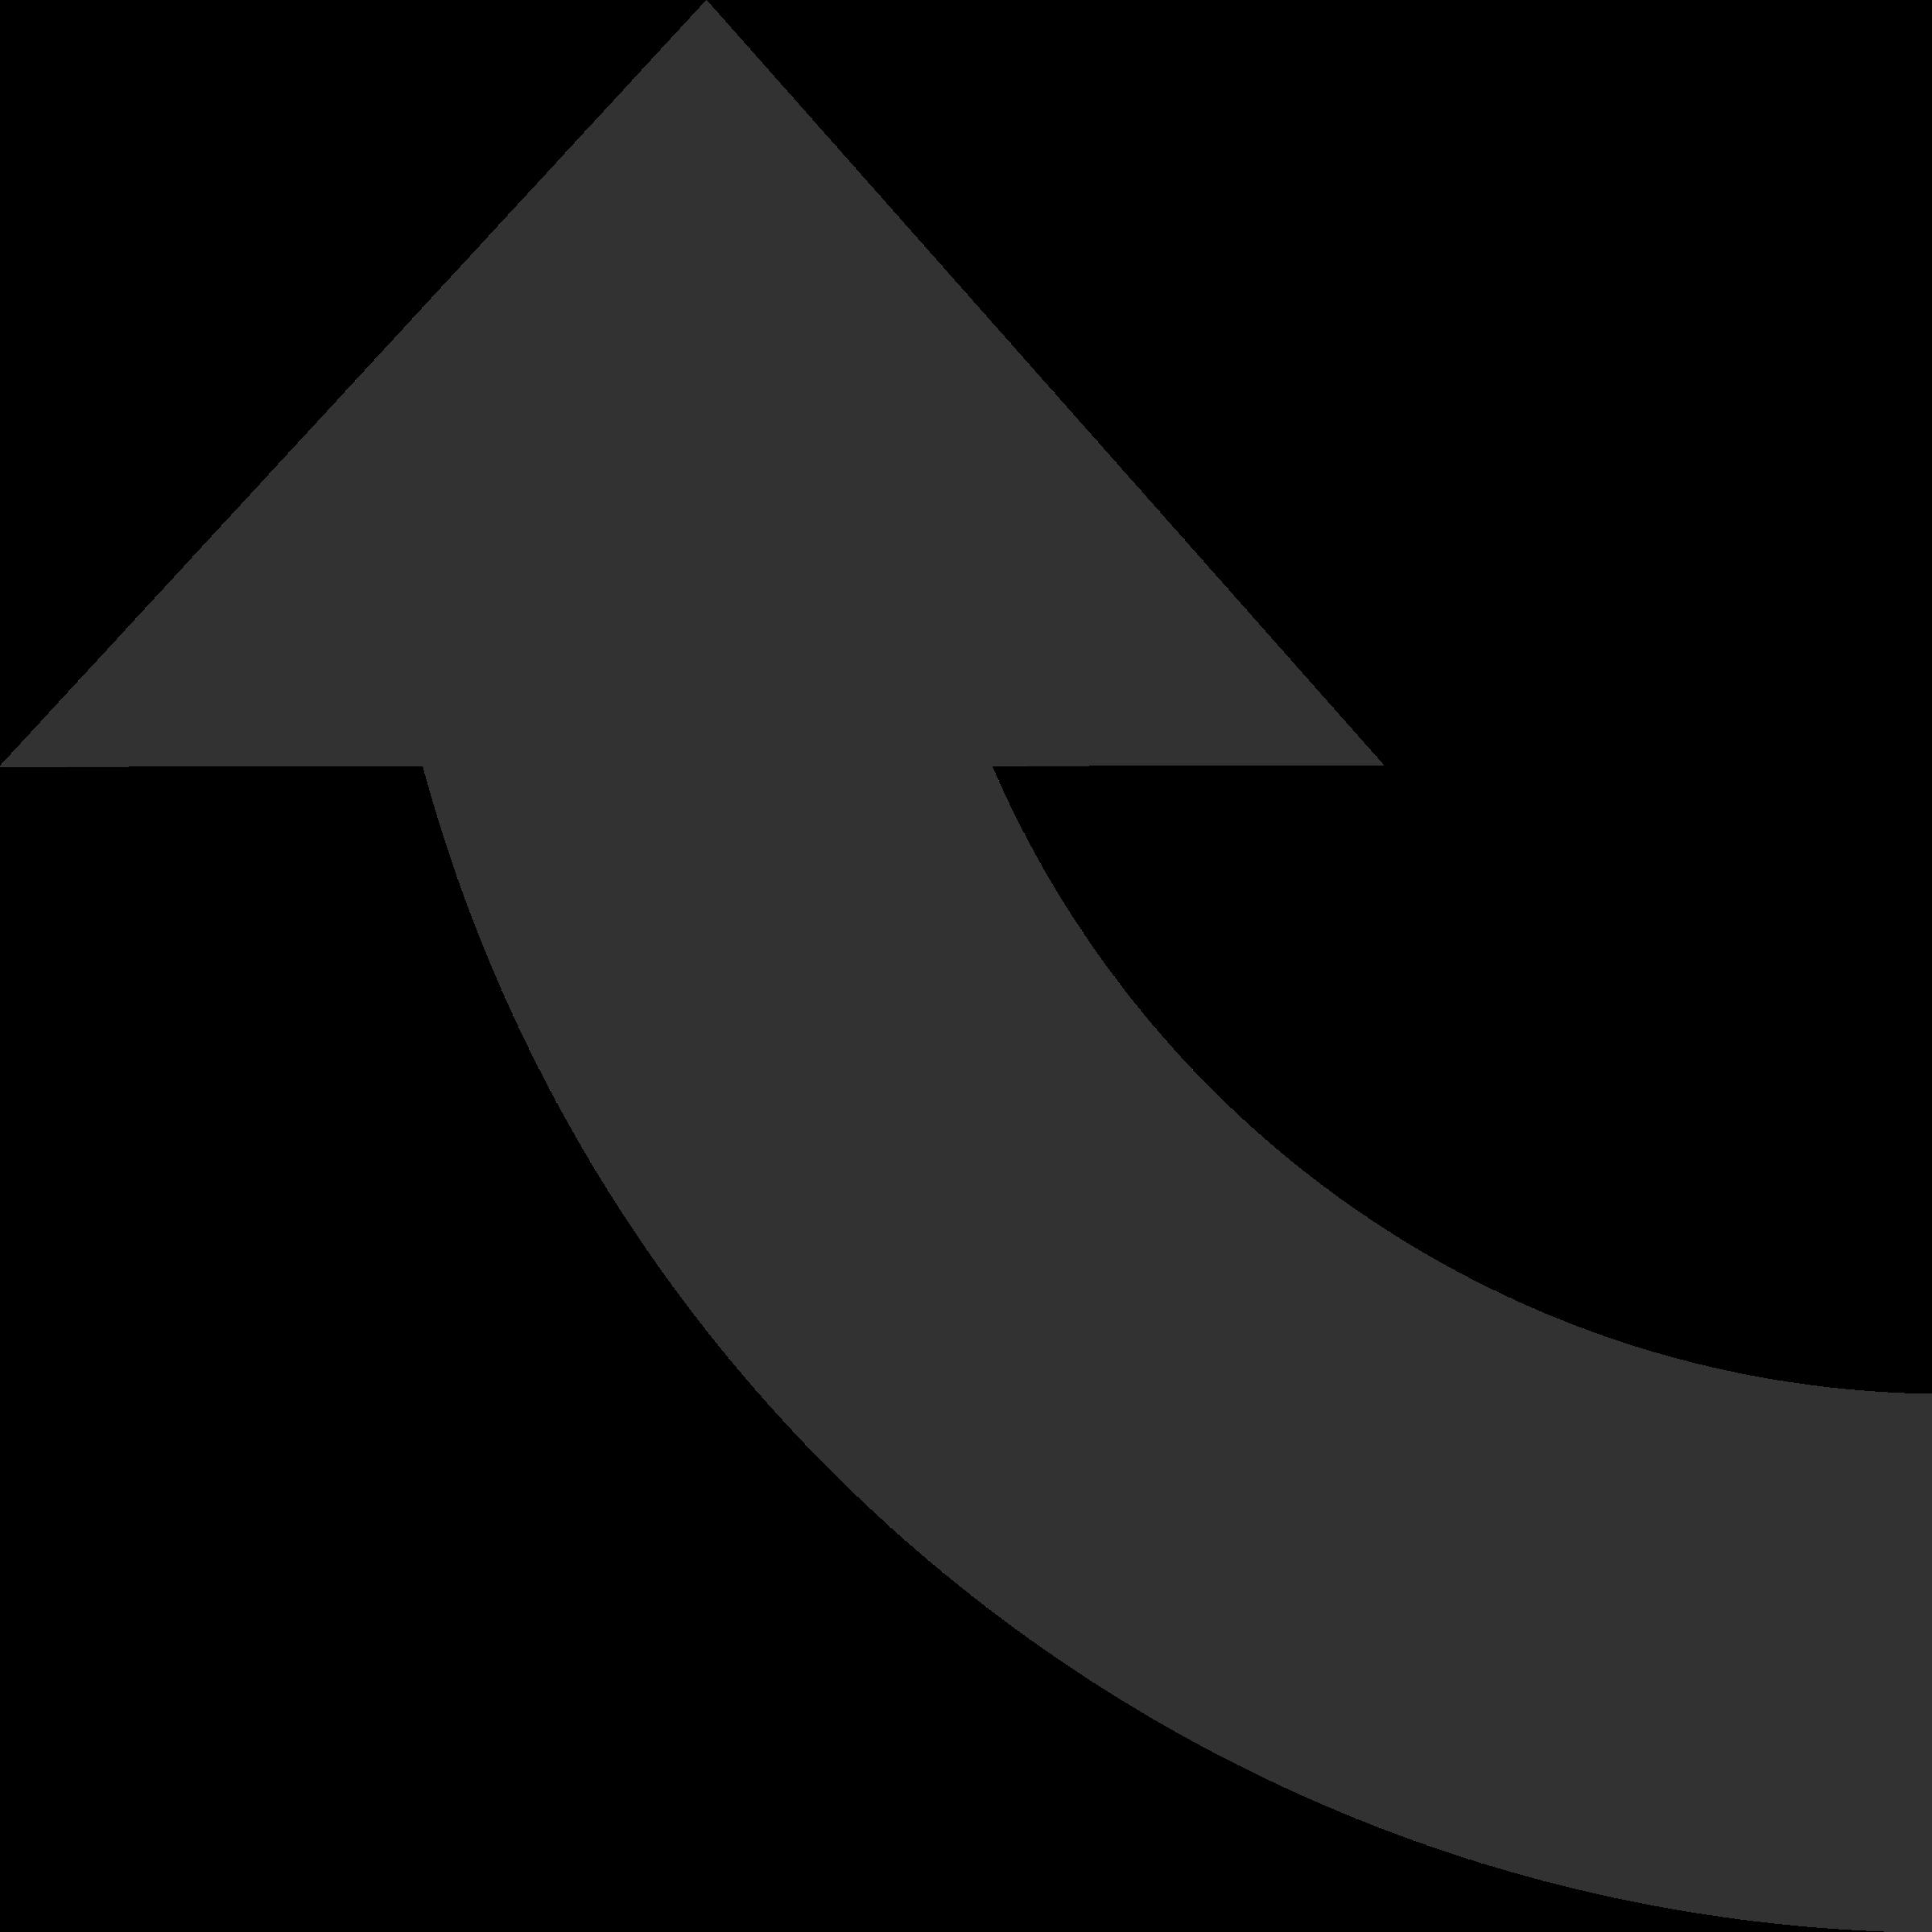 degree. Clipart road arrow